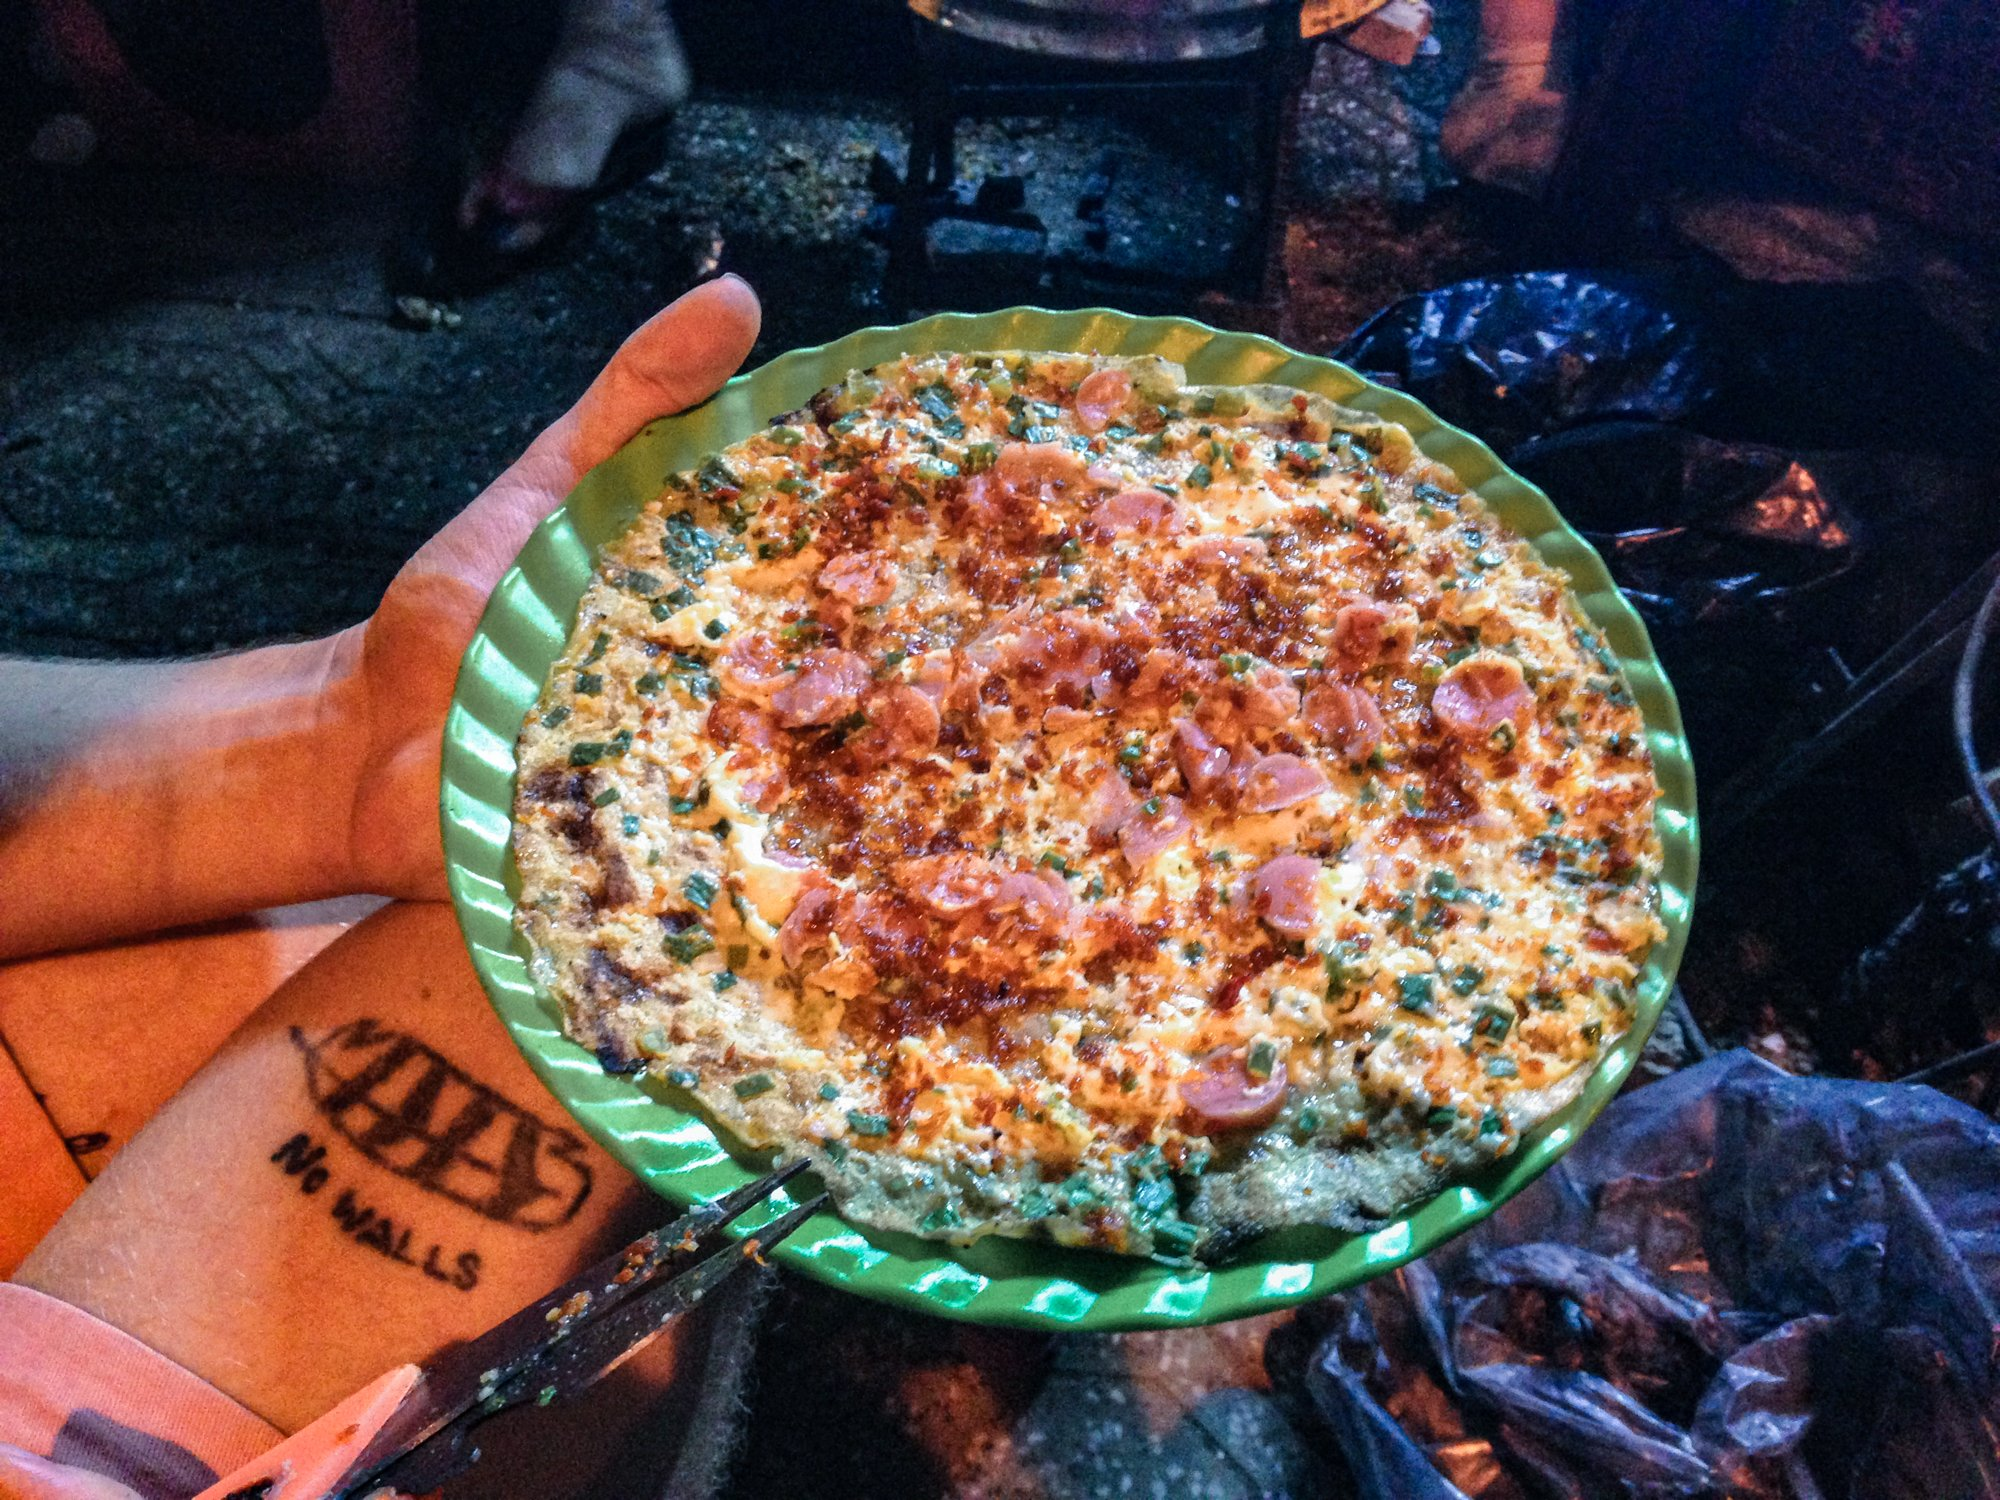 Dalat Pizza, Street Food in Vietnam